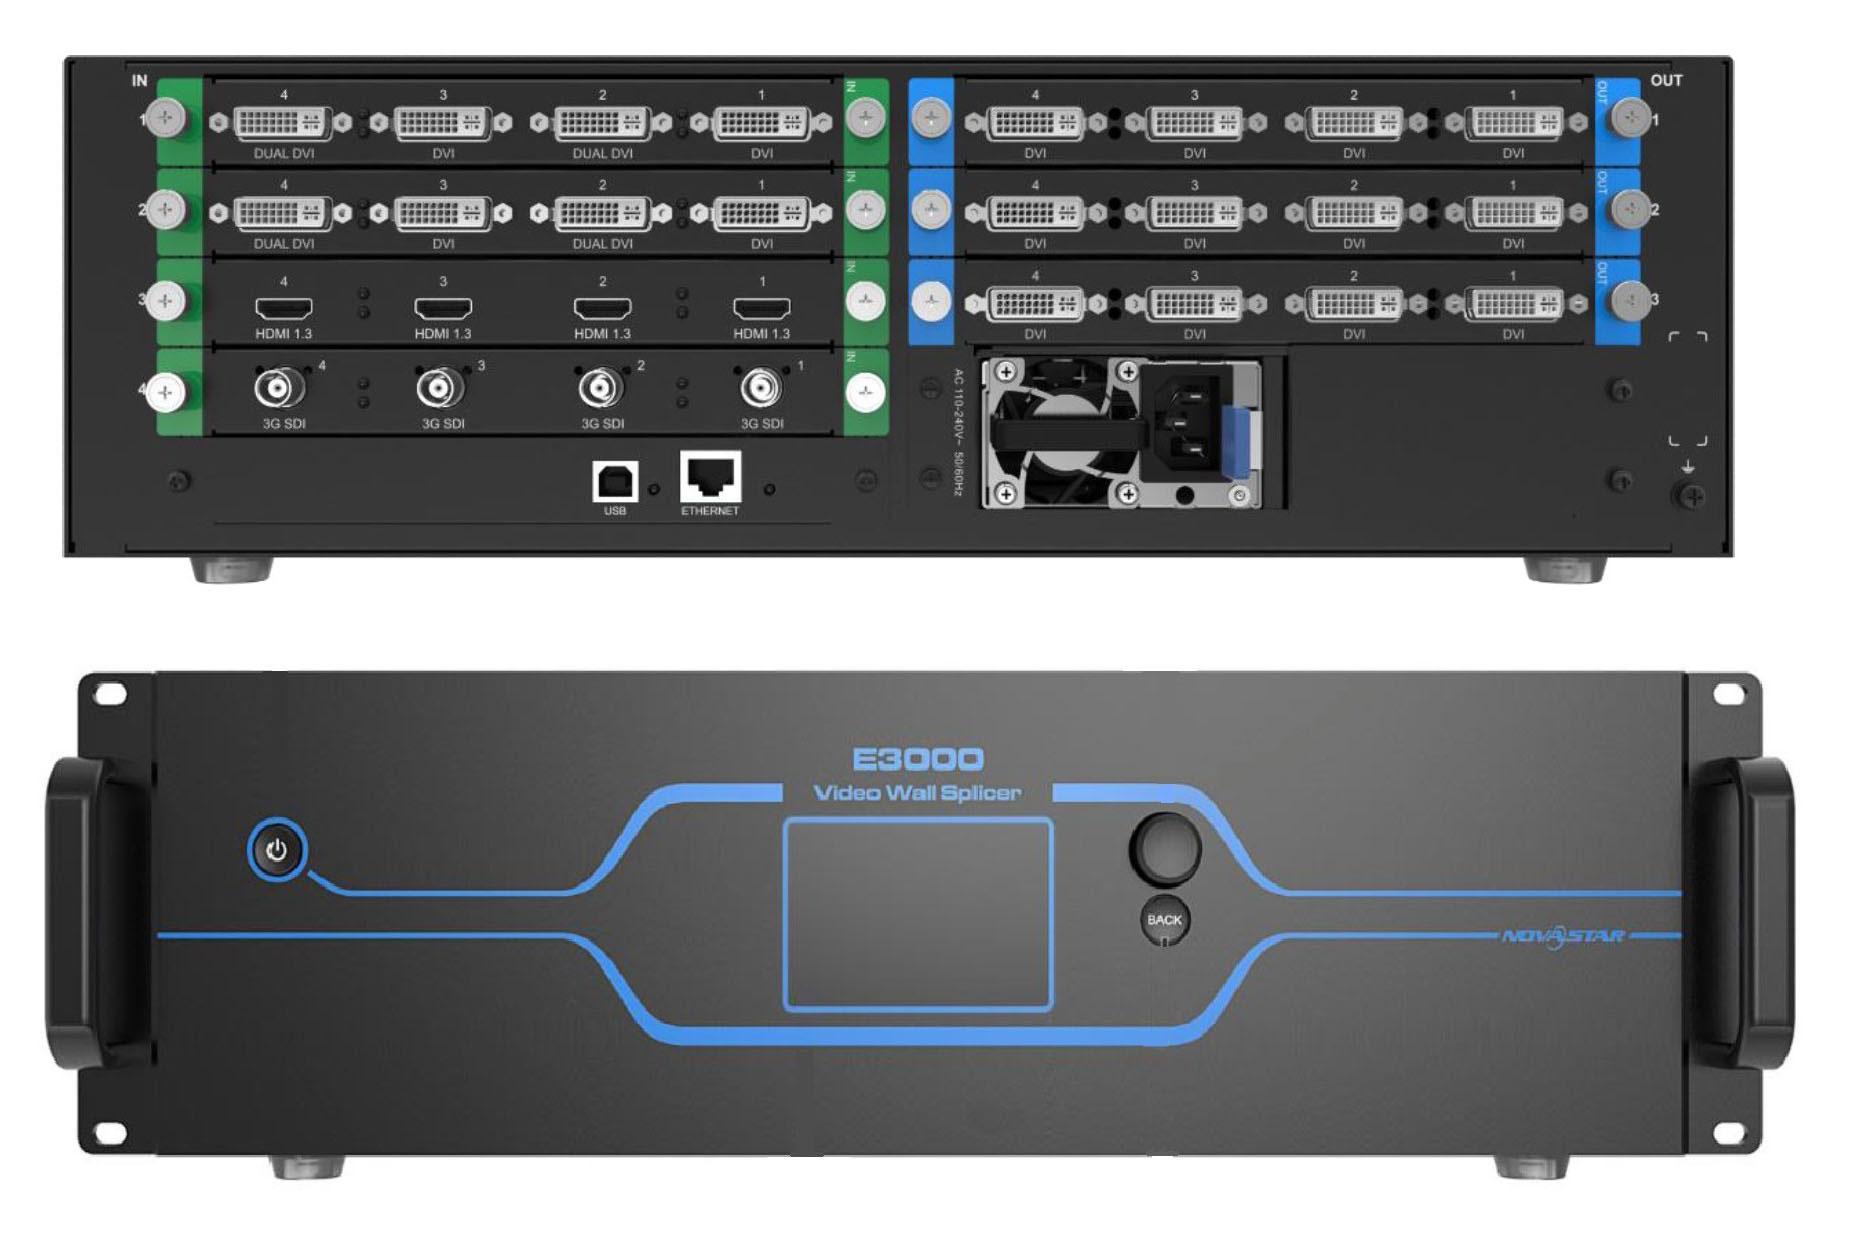 Absen E3000